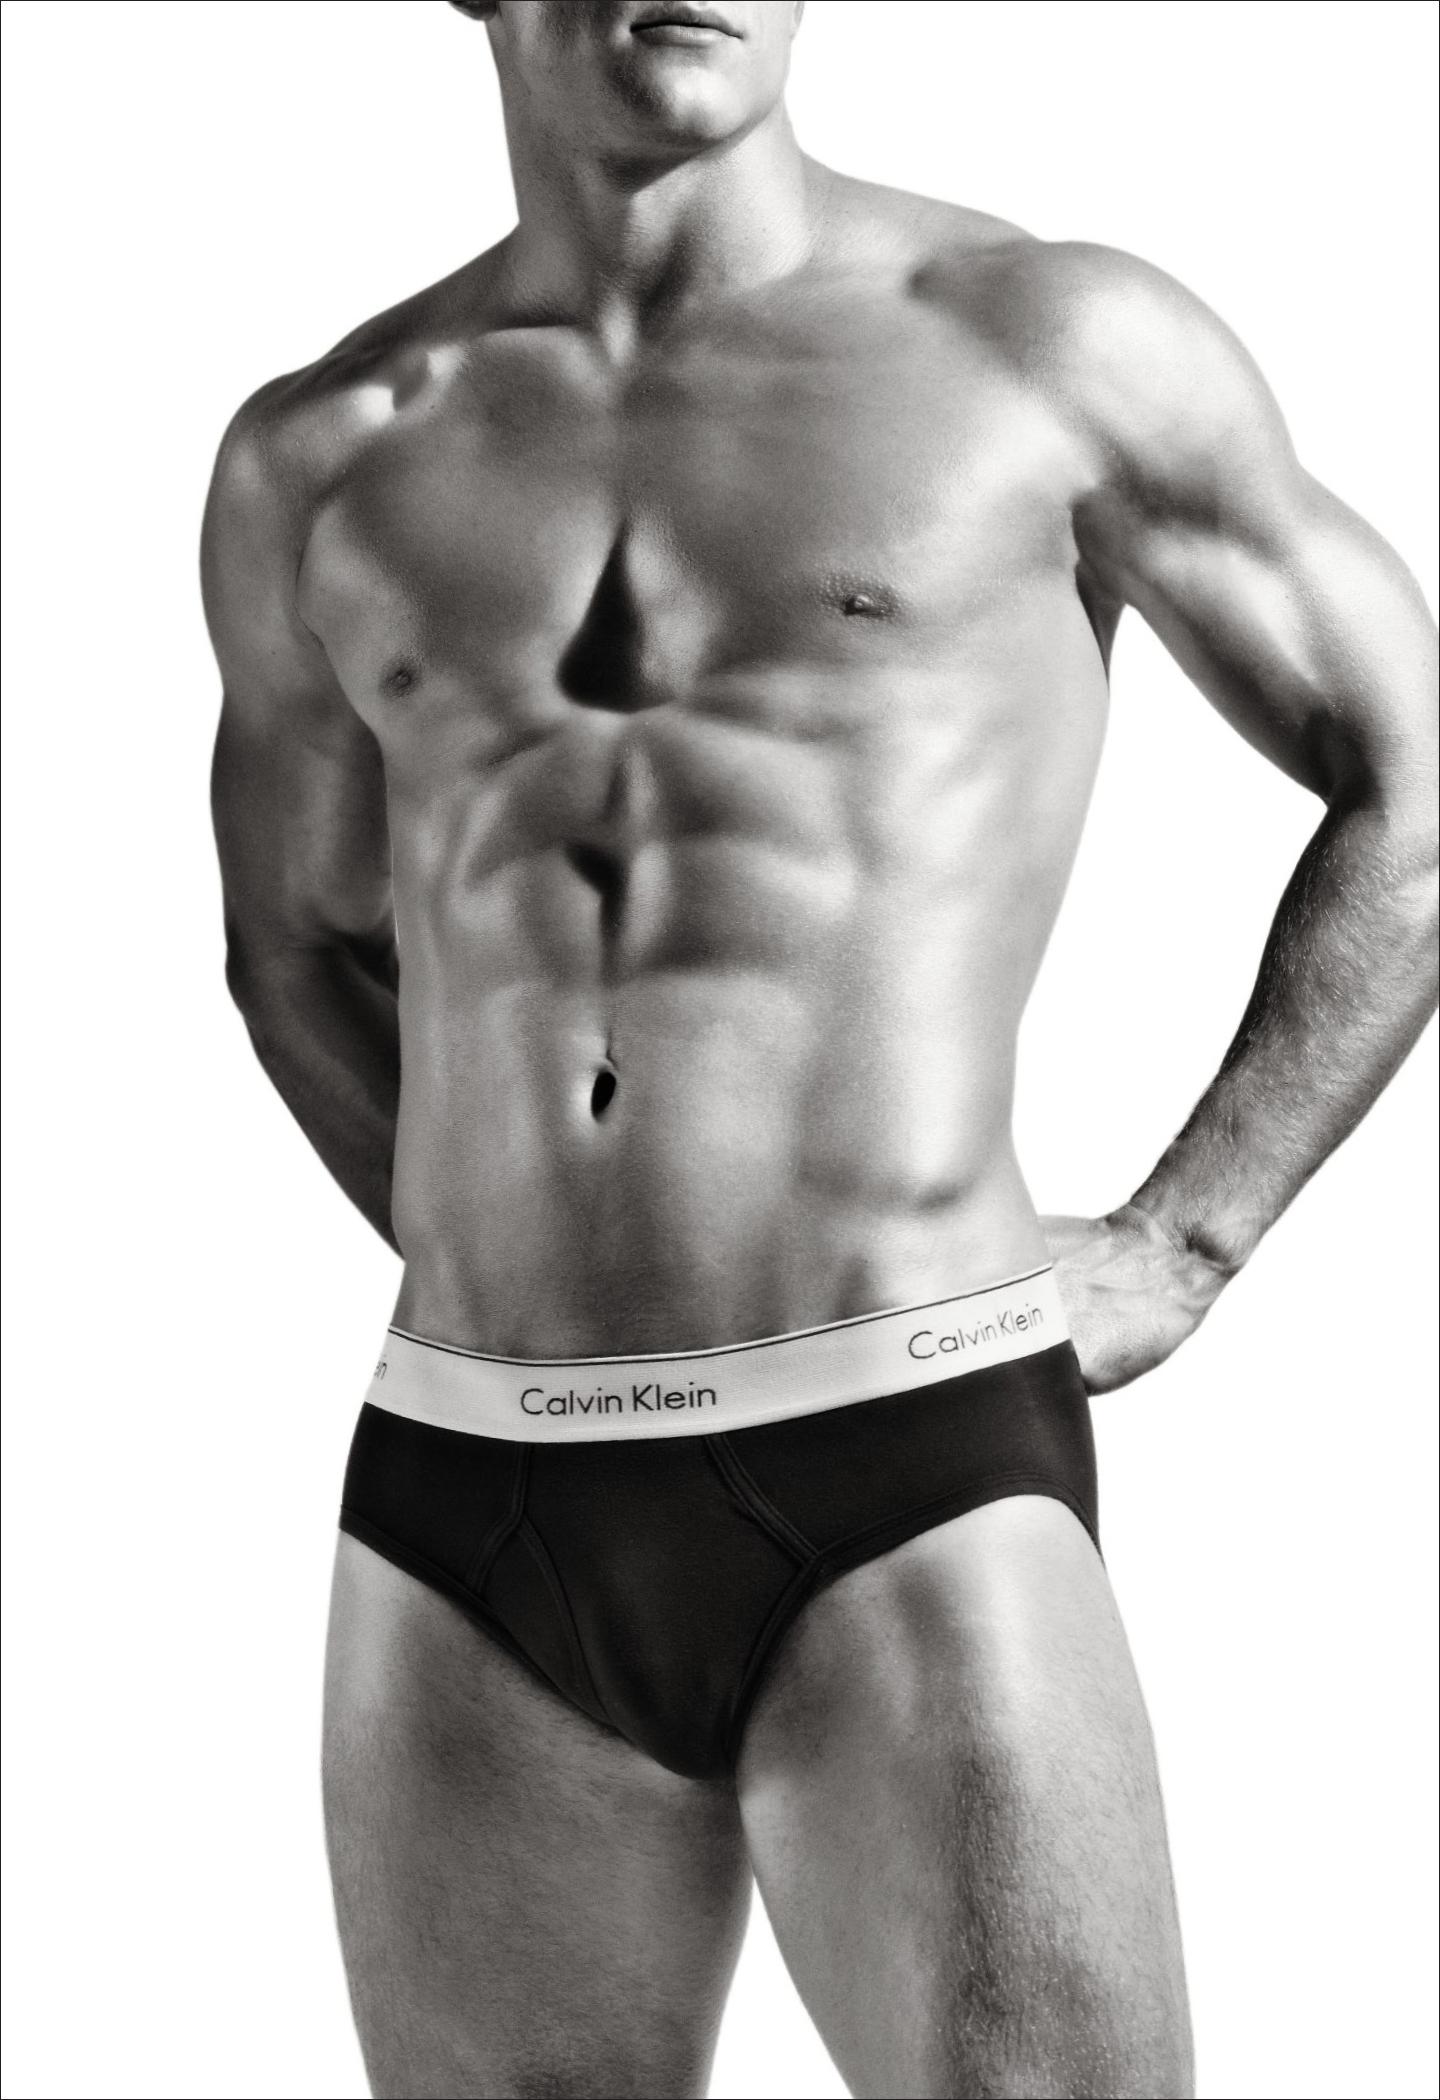 Calvin Klein Underwear Celebrates 30th Anniversary